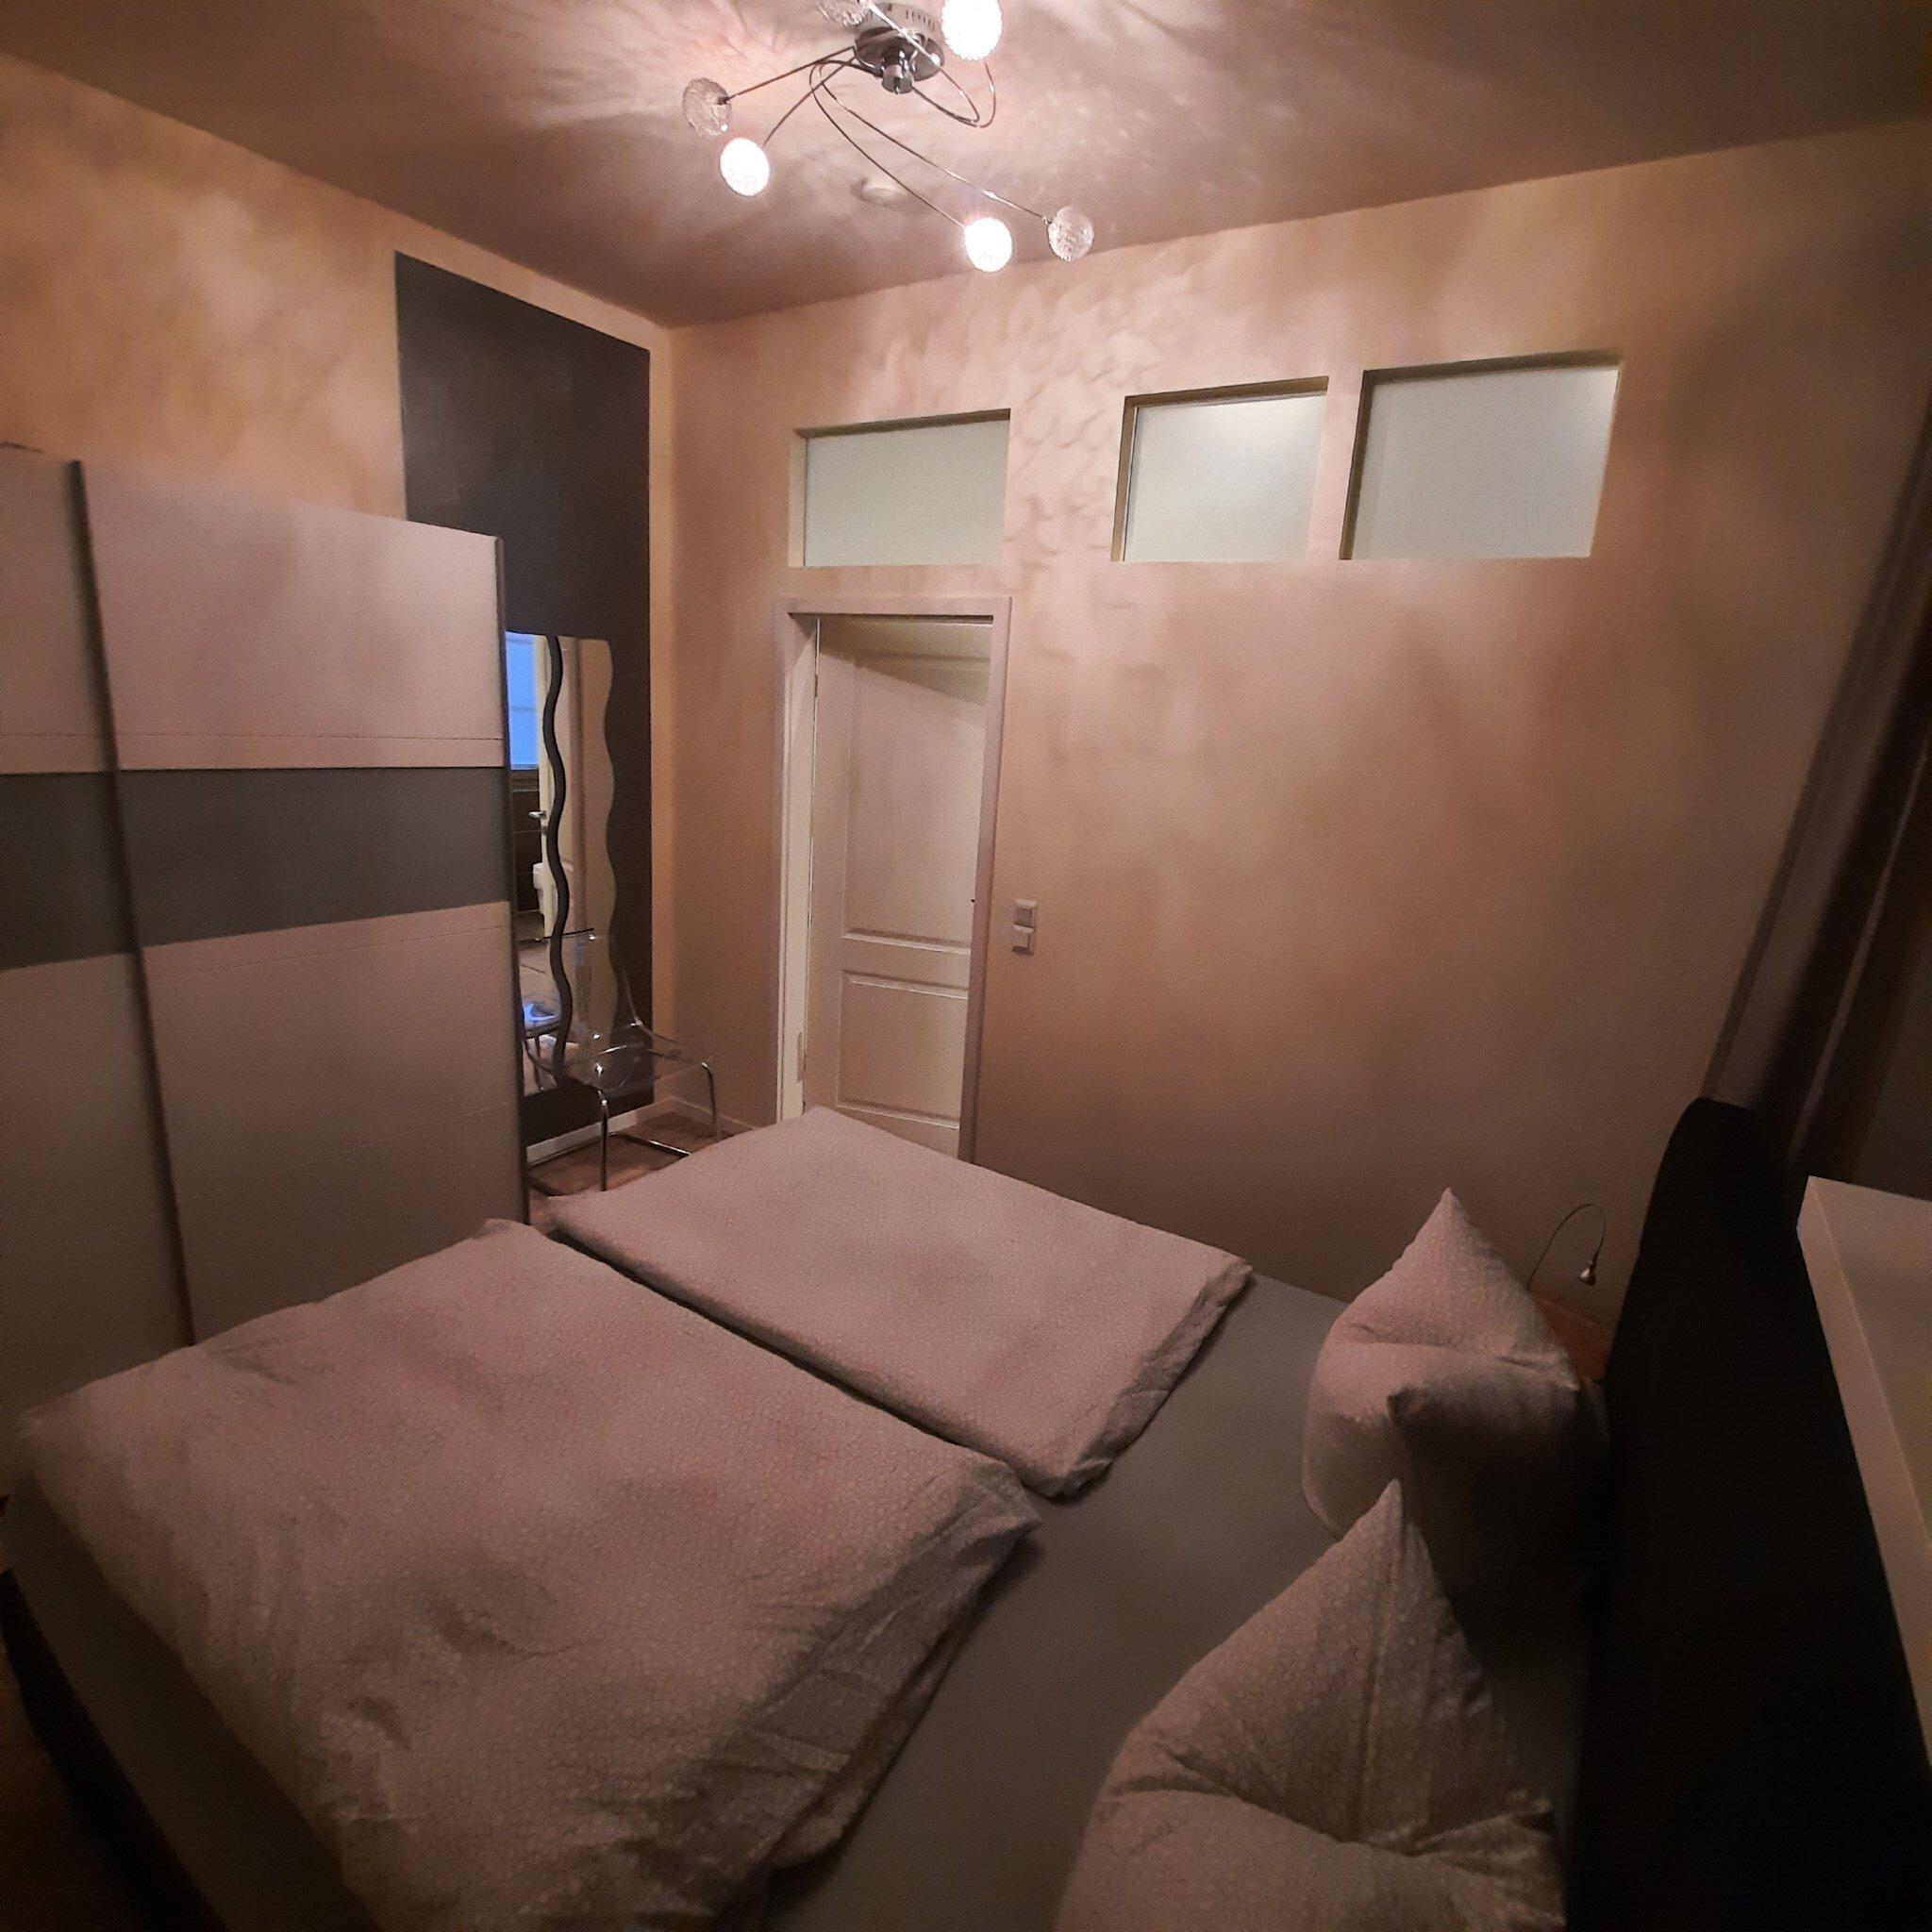 Schlafzimmermit großem Bett 180x200